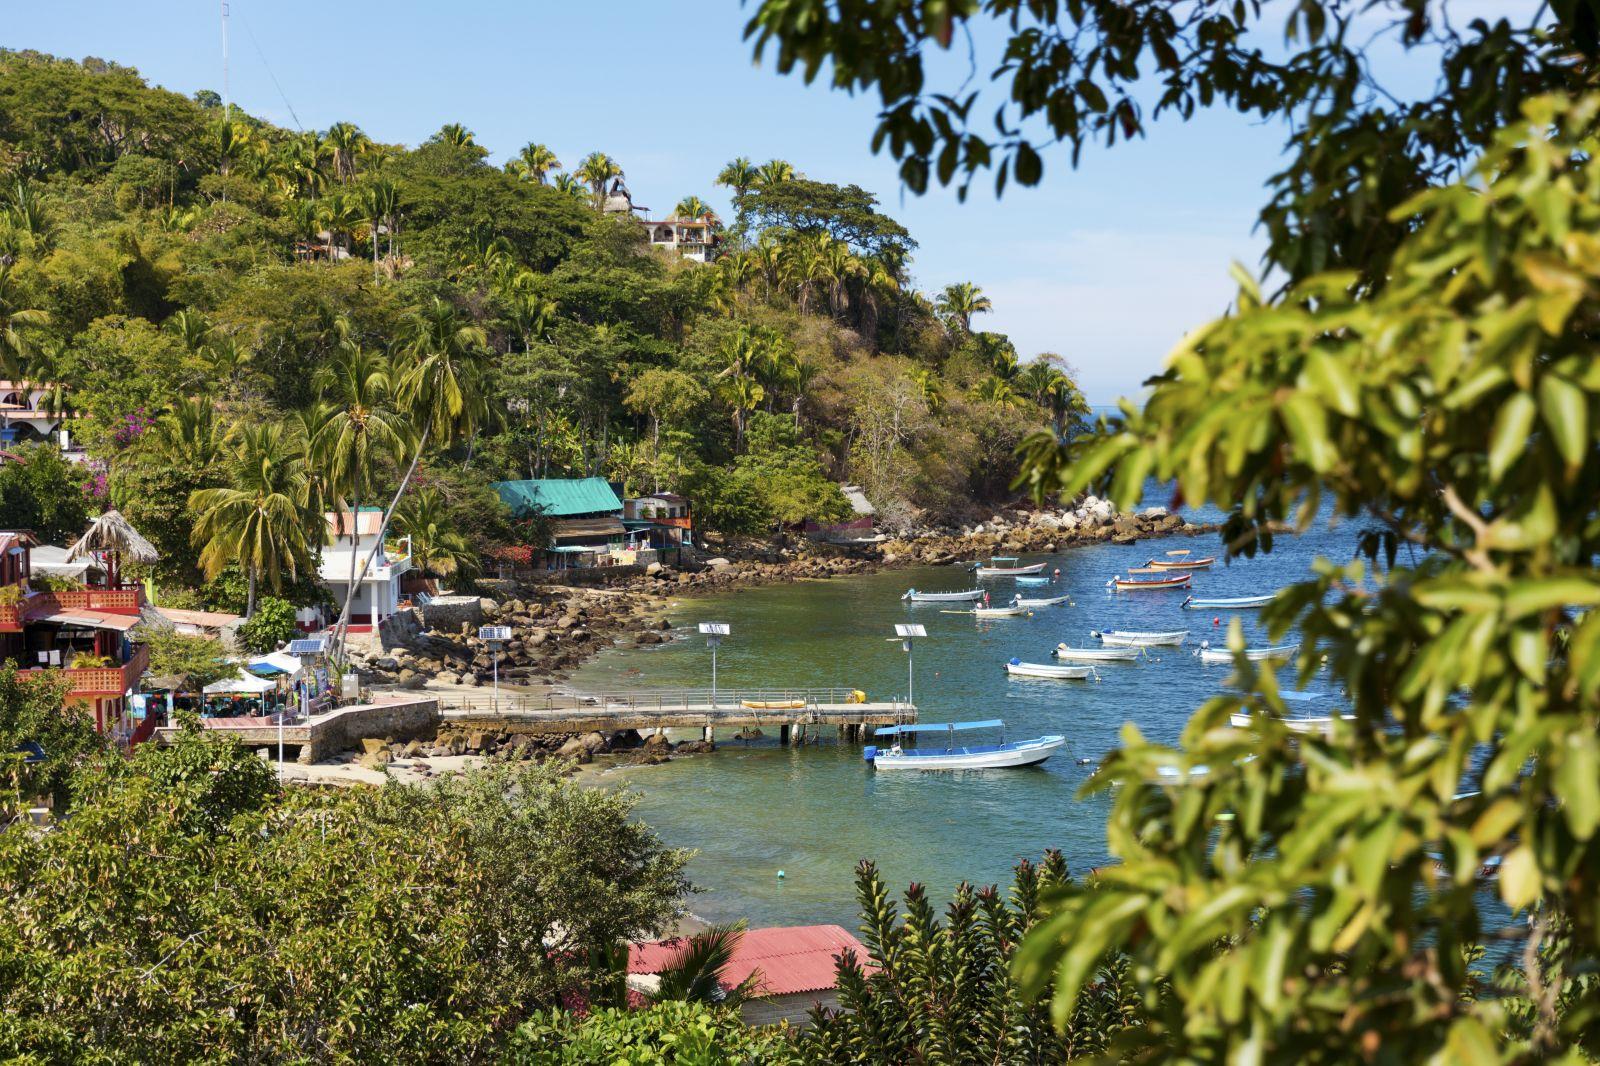 Im Gegensatz zum kargen Norden sind die Buchten hier auch reich bewachsen. ©Zstock/AdobeStock